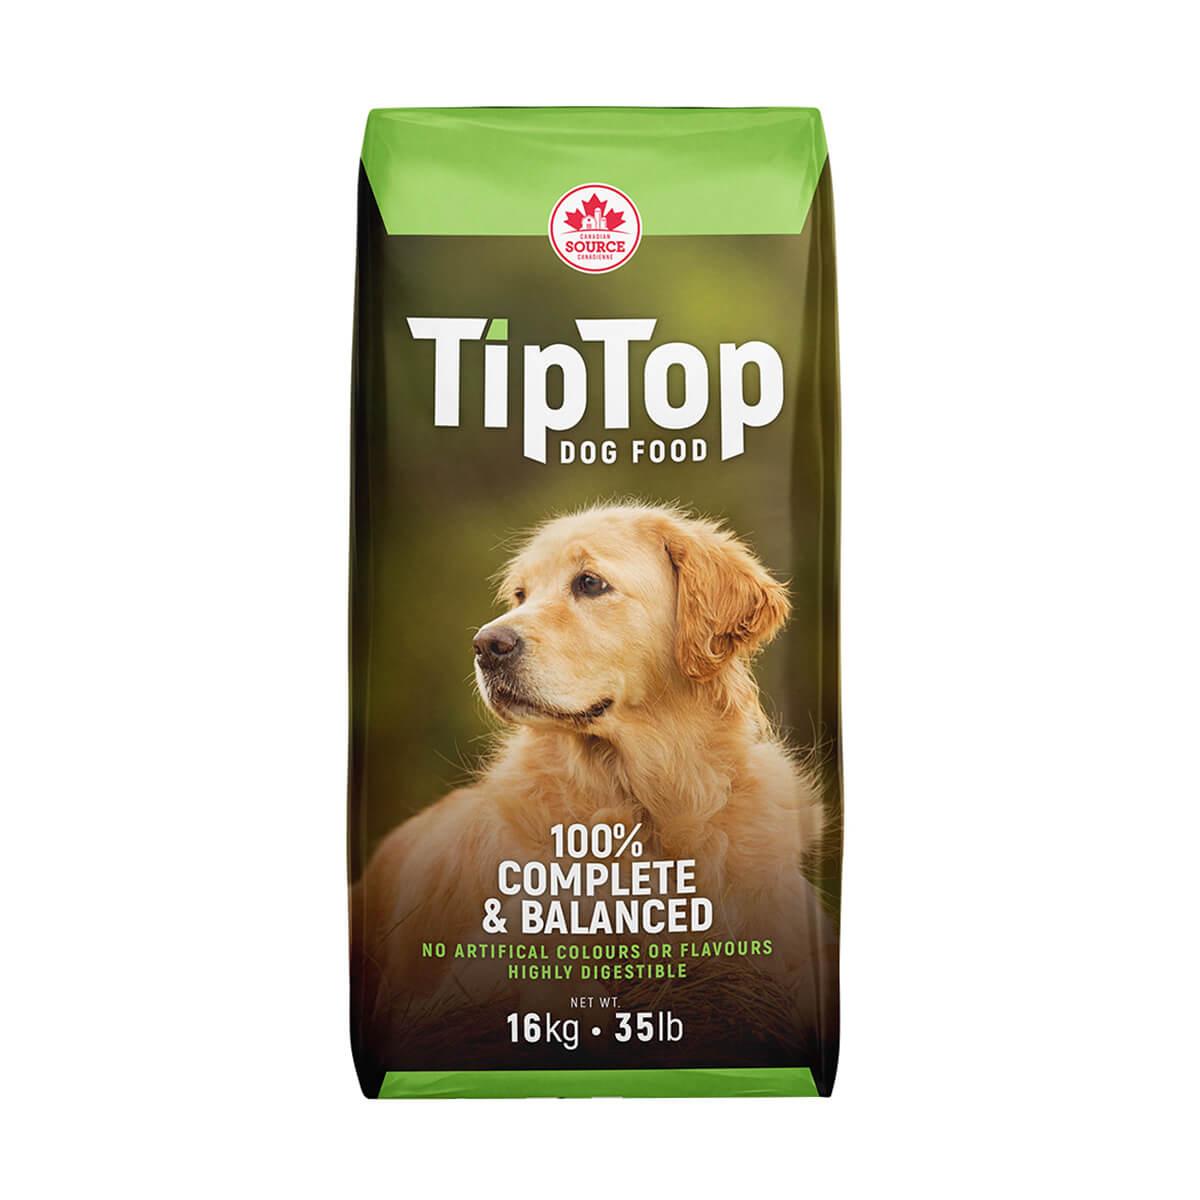 Tip Top Dog Food - 16 kg